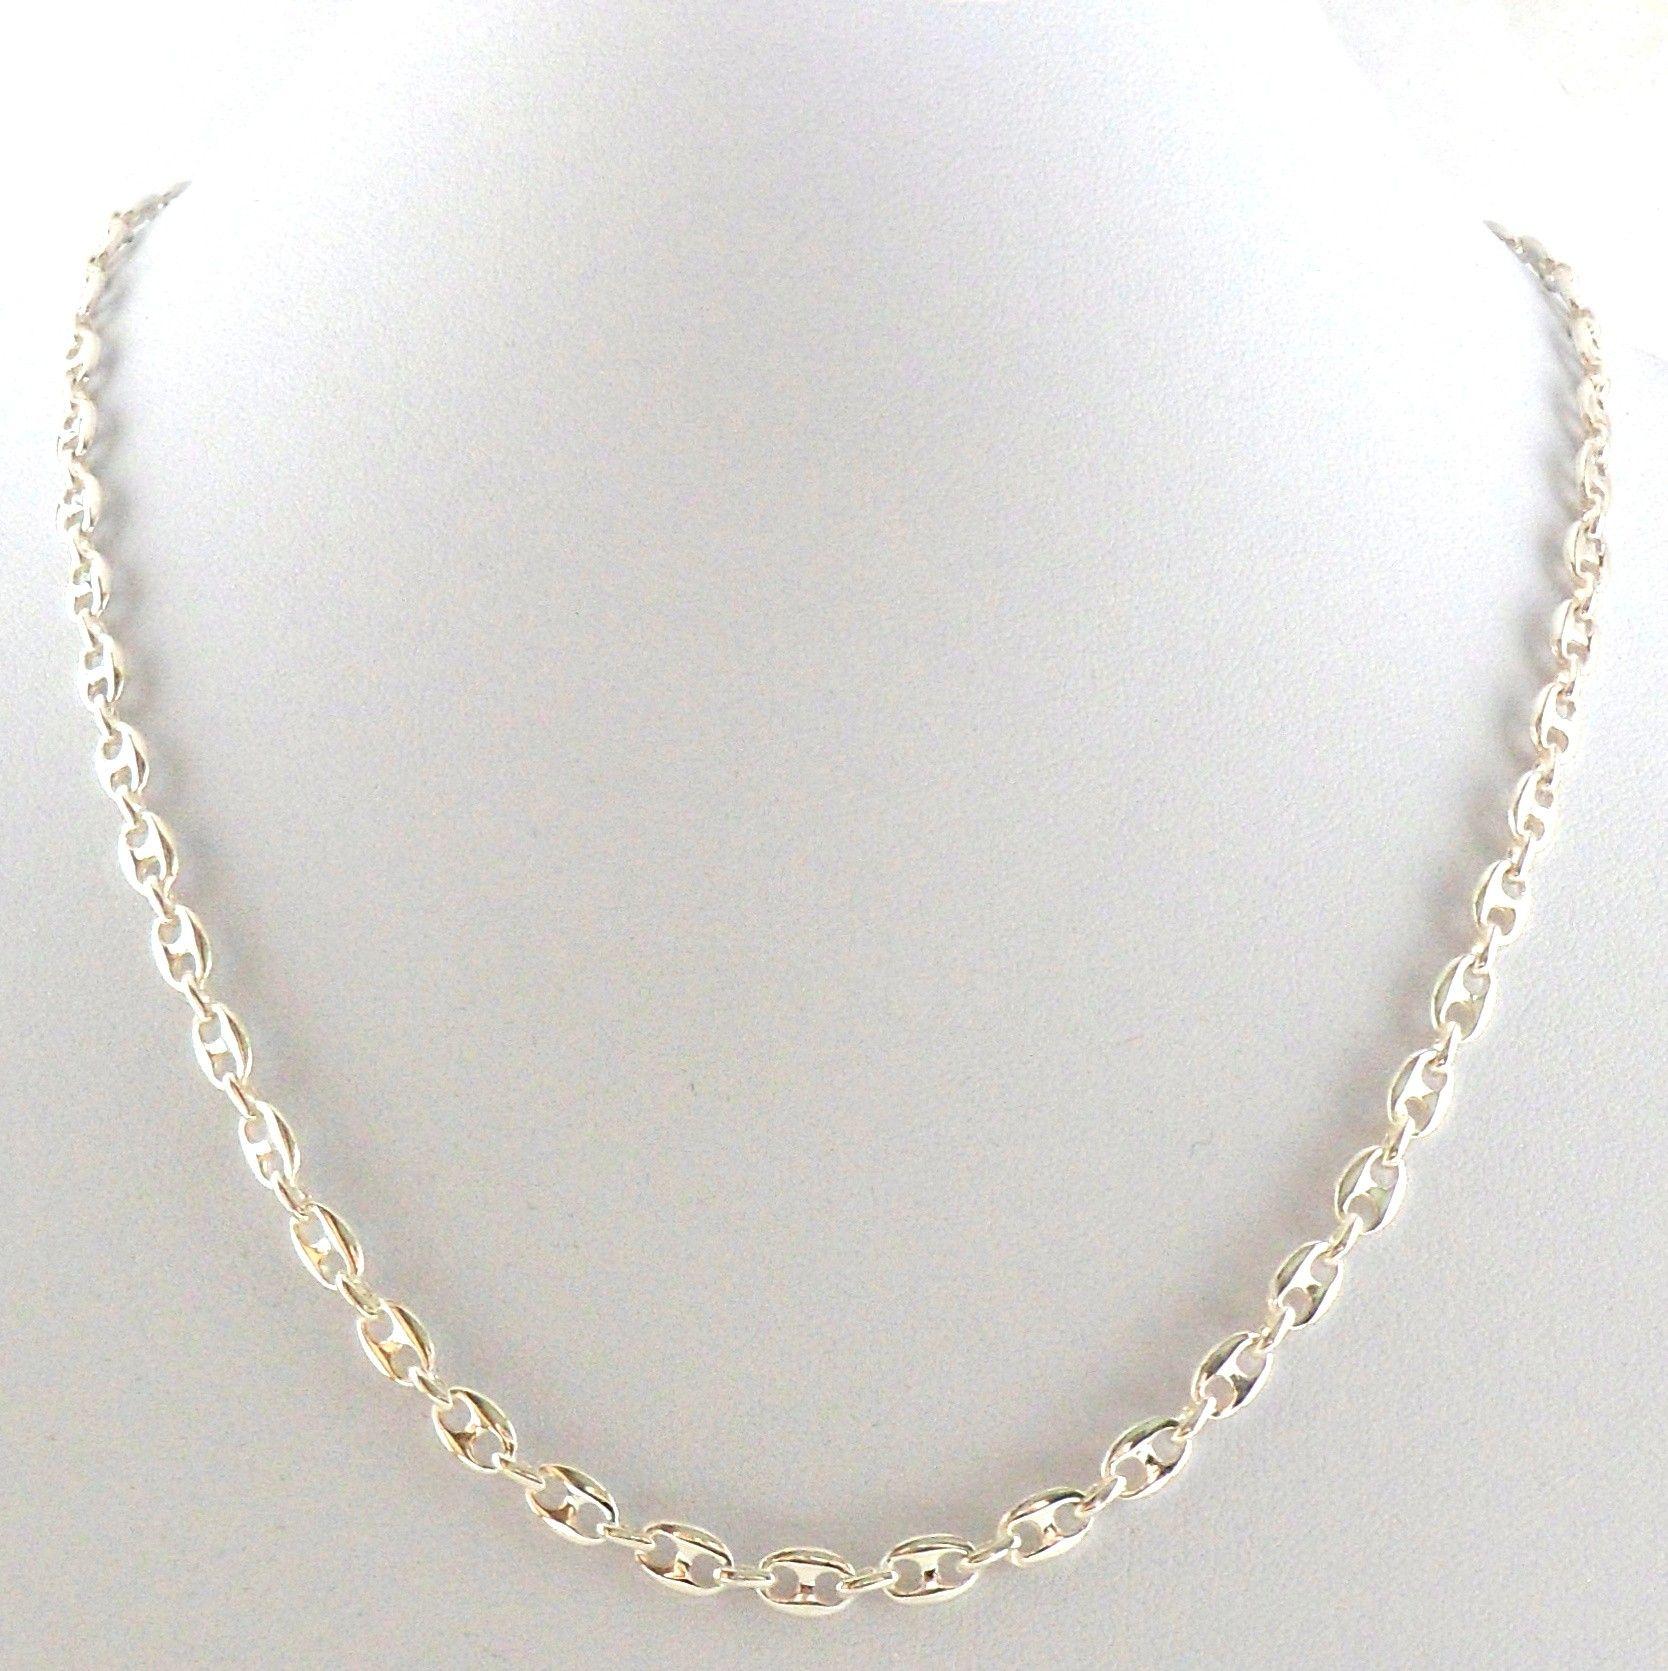 4b1d860a1897 Cadena Plata Calabrote - para ella y para él Diseño clásico en joyas de  plata para